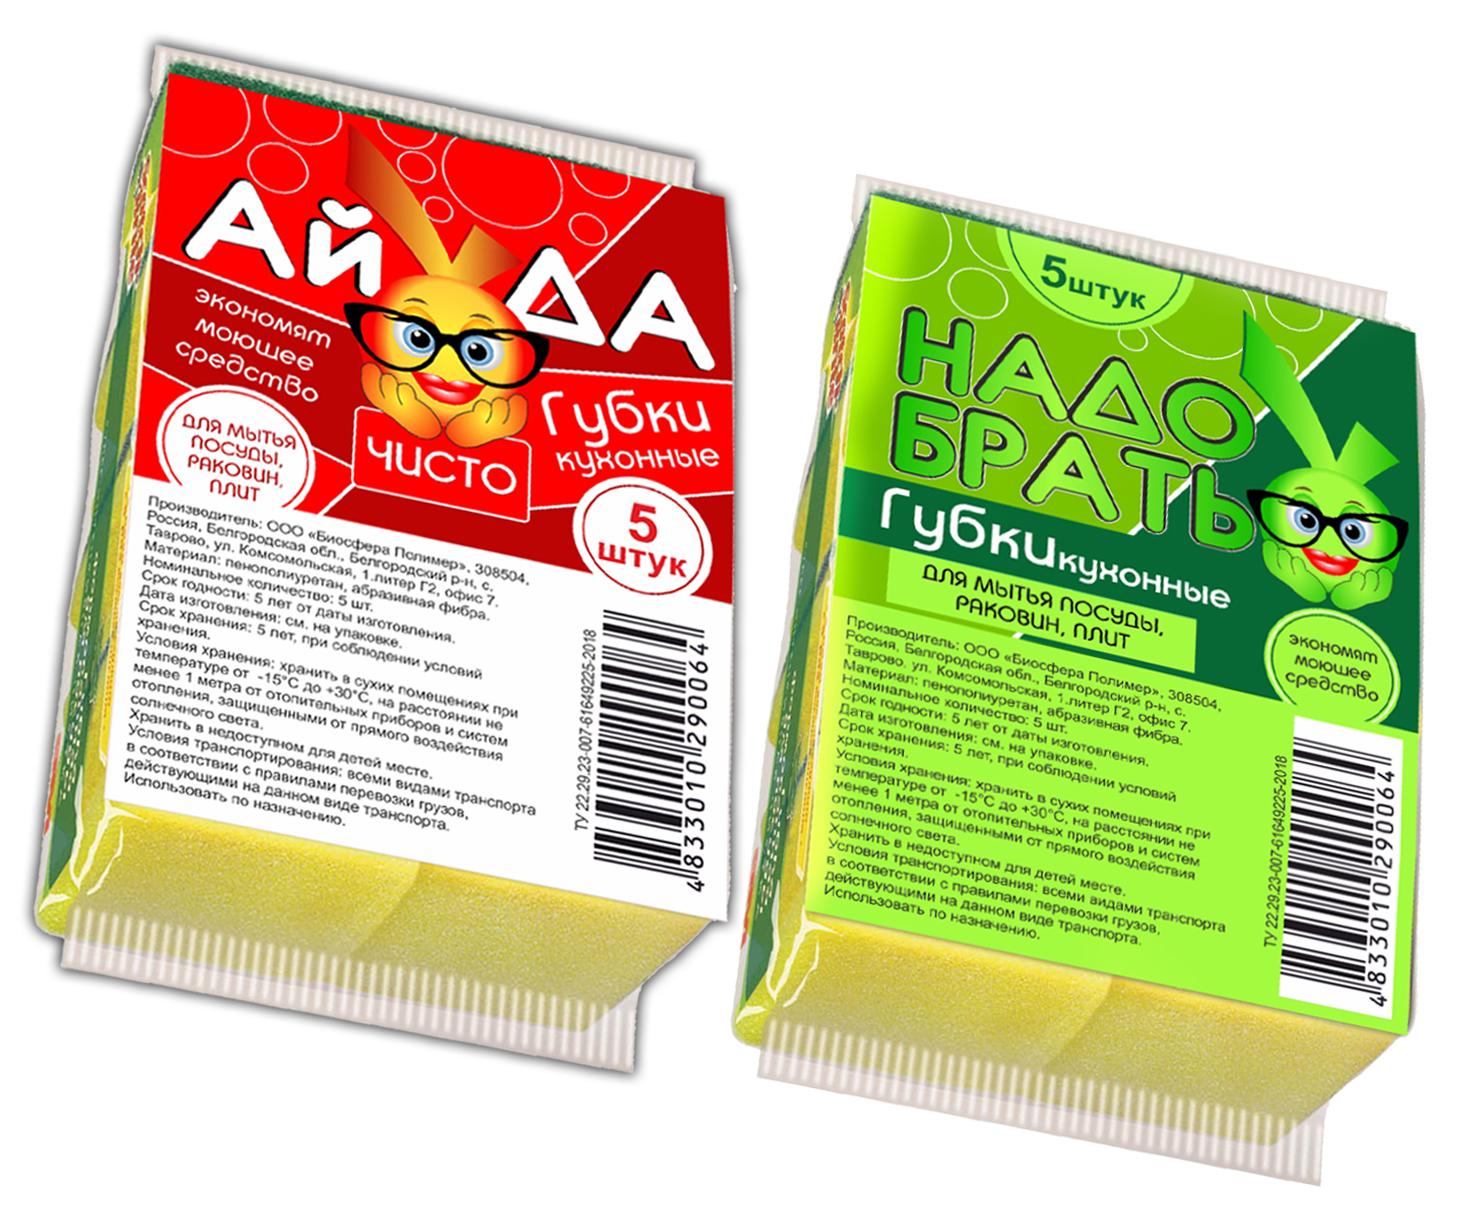 Дизайн логотипа и упаковки СТМ фото f_8805c5ef7f616aaf.jpg